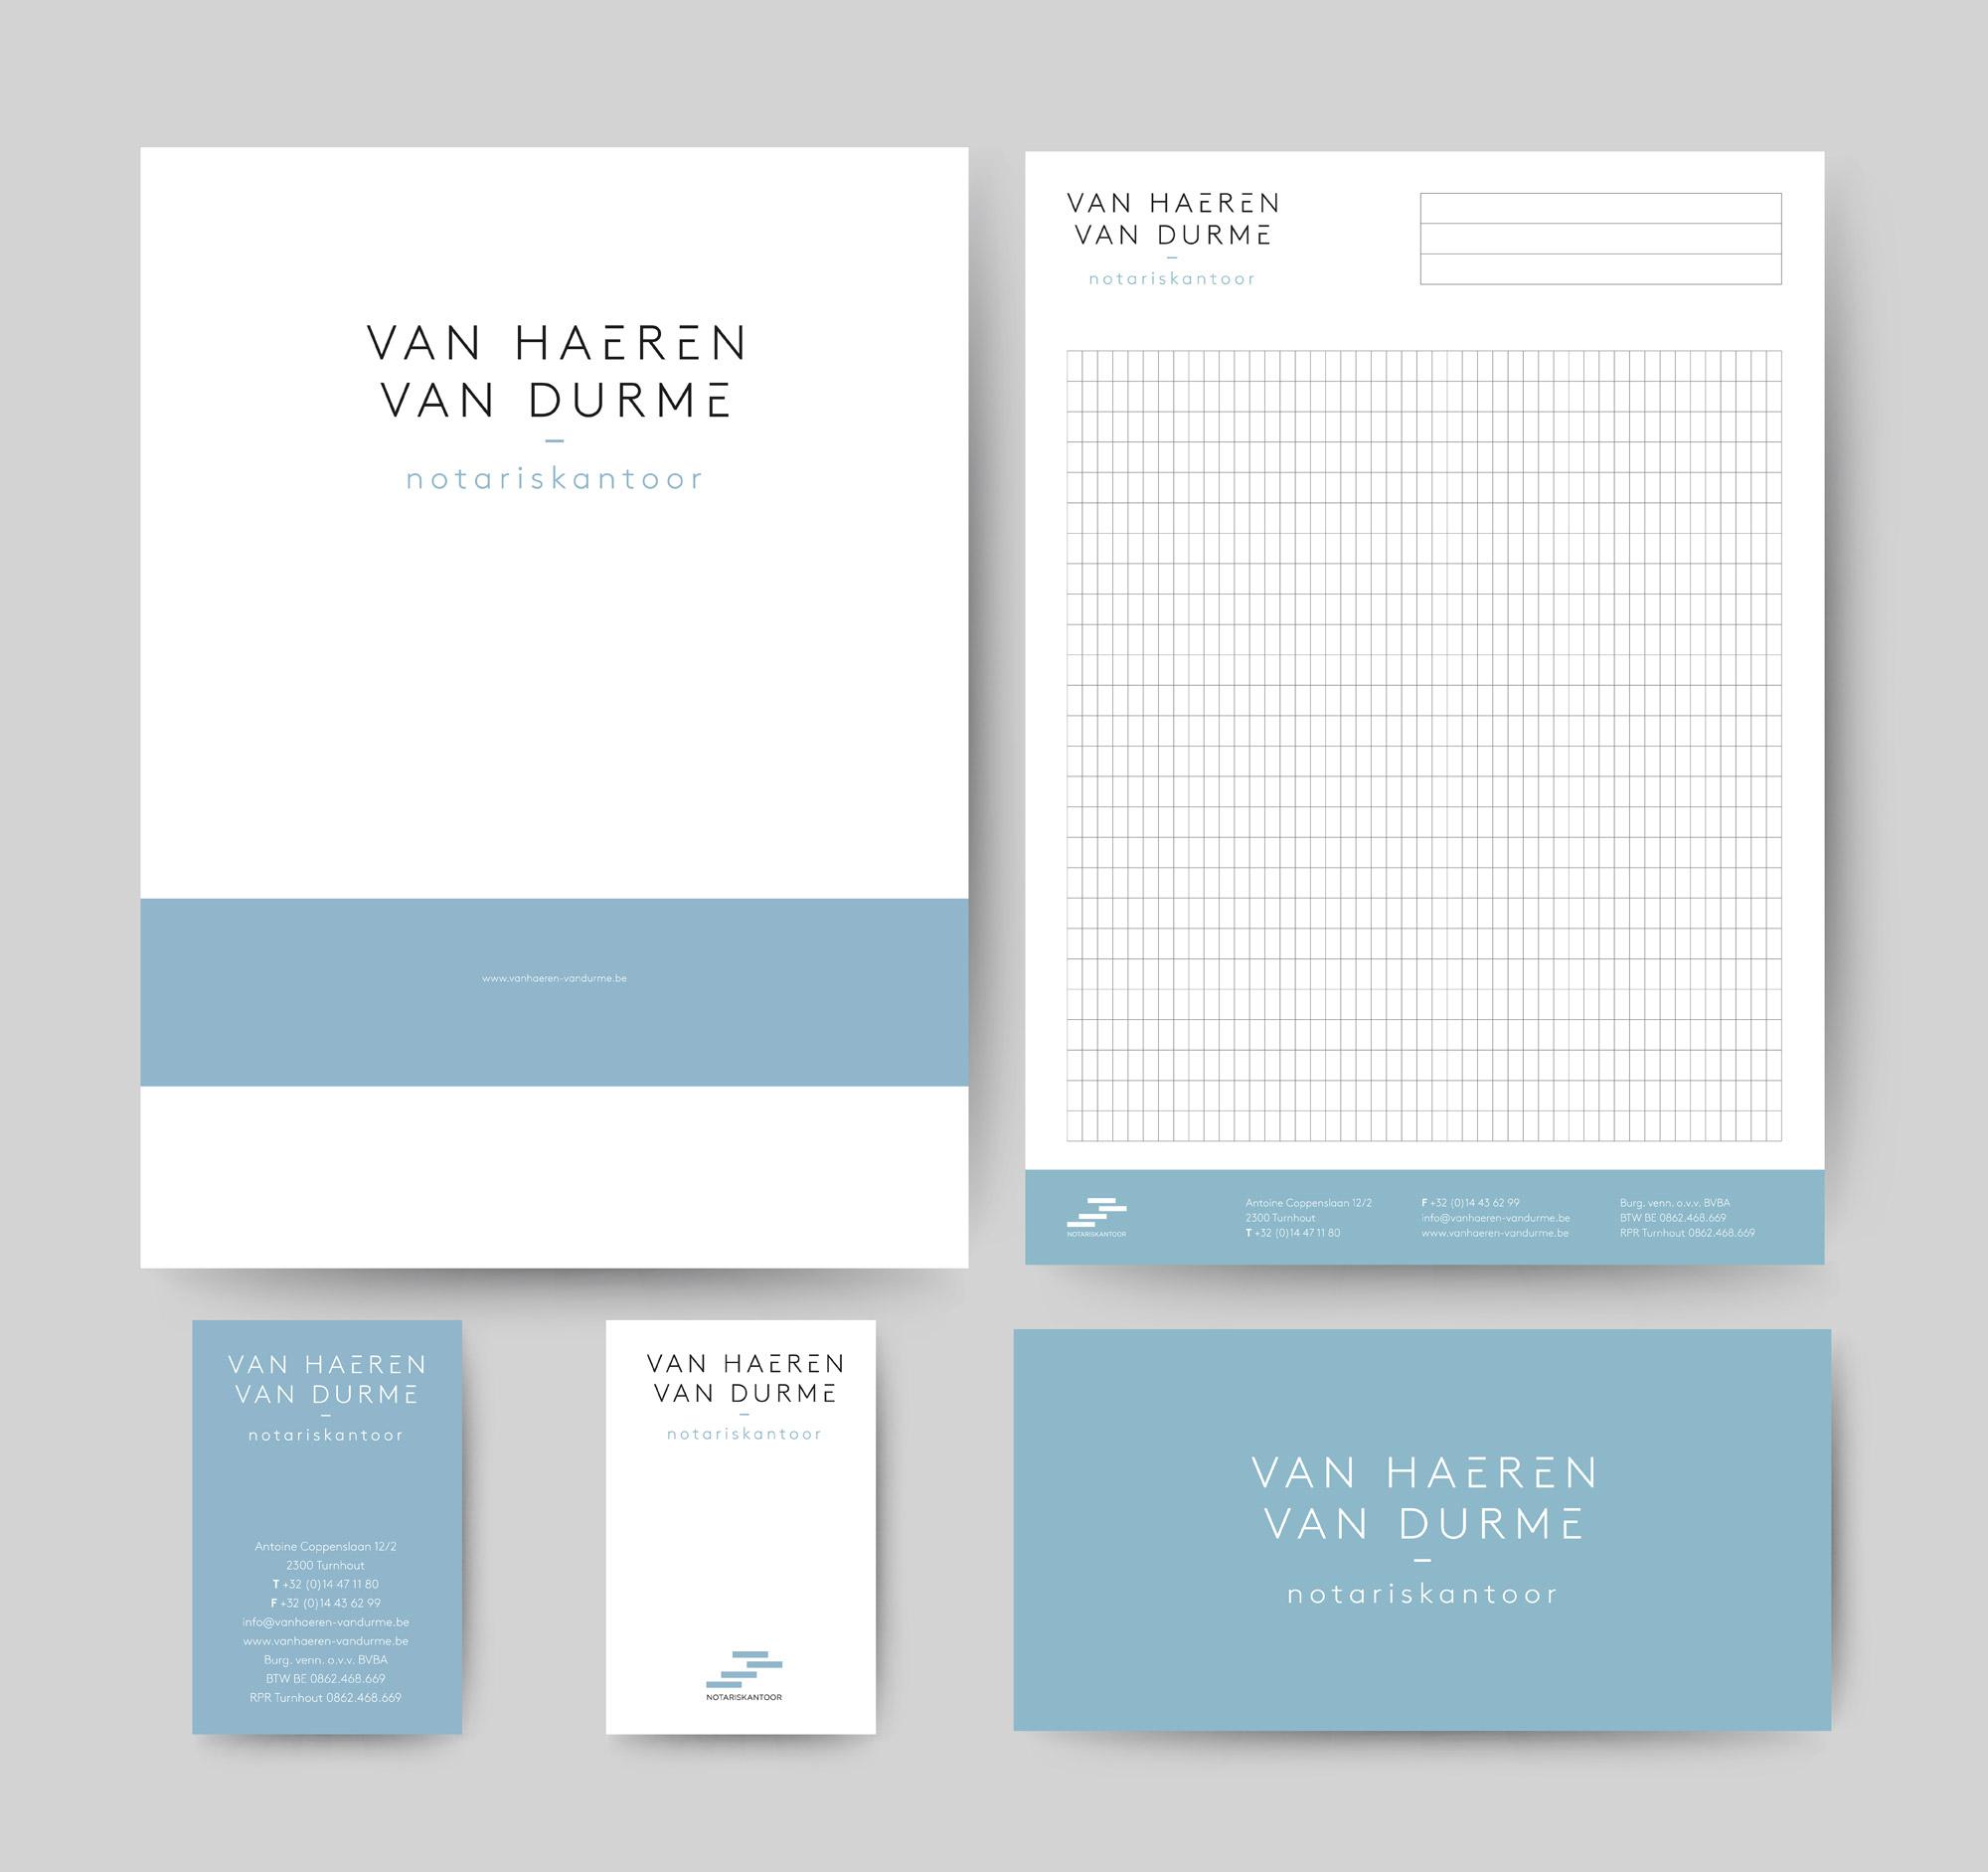 Van Haeren & Van Durme